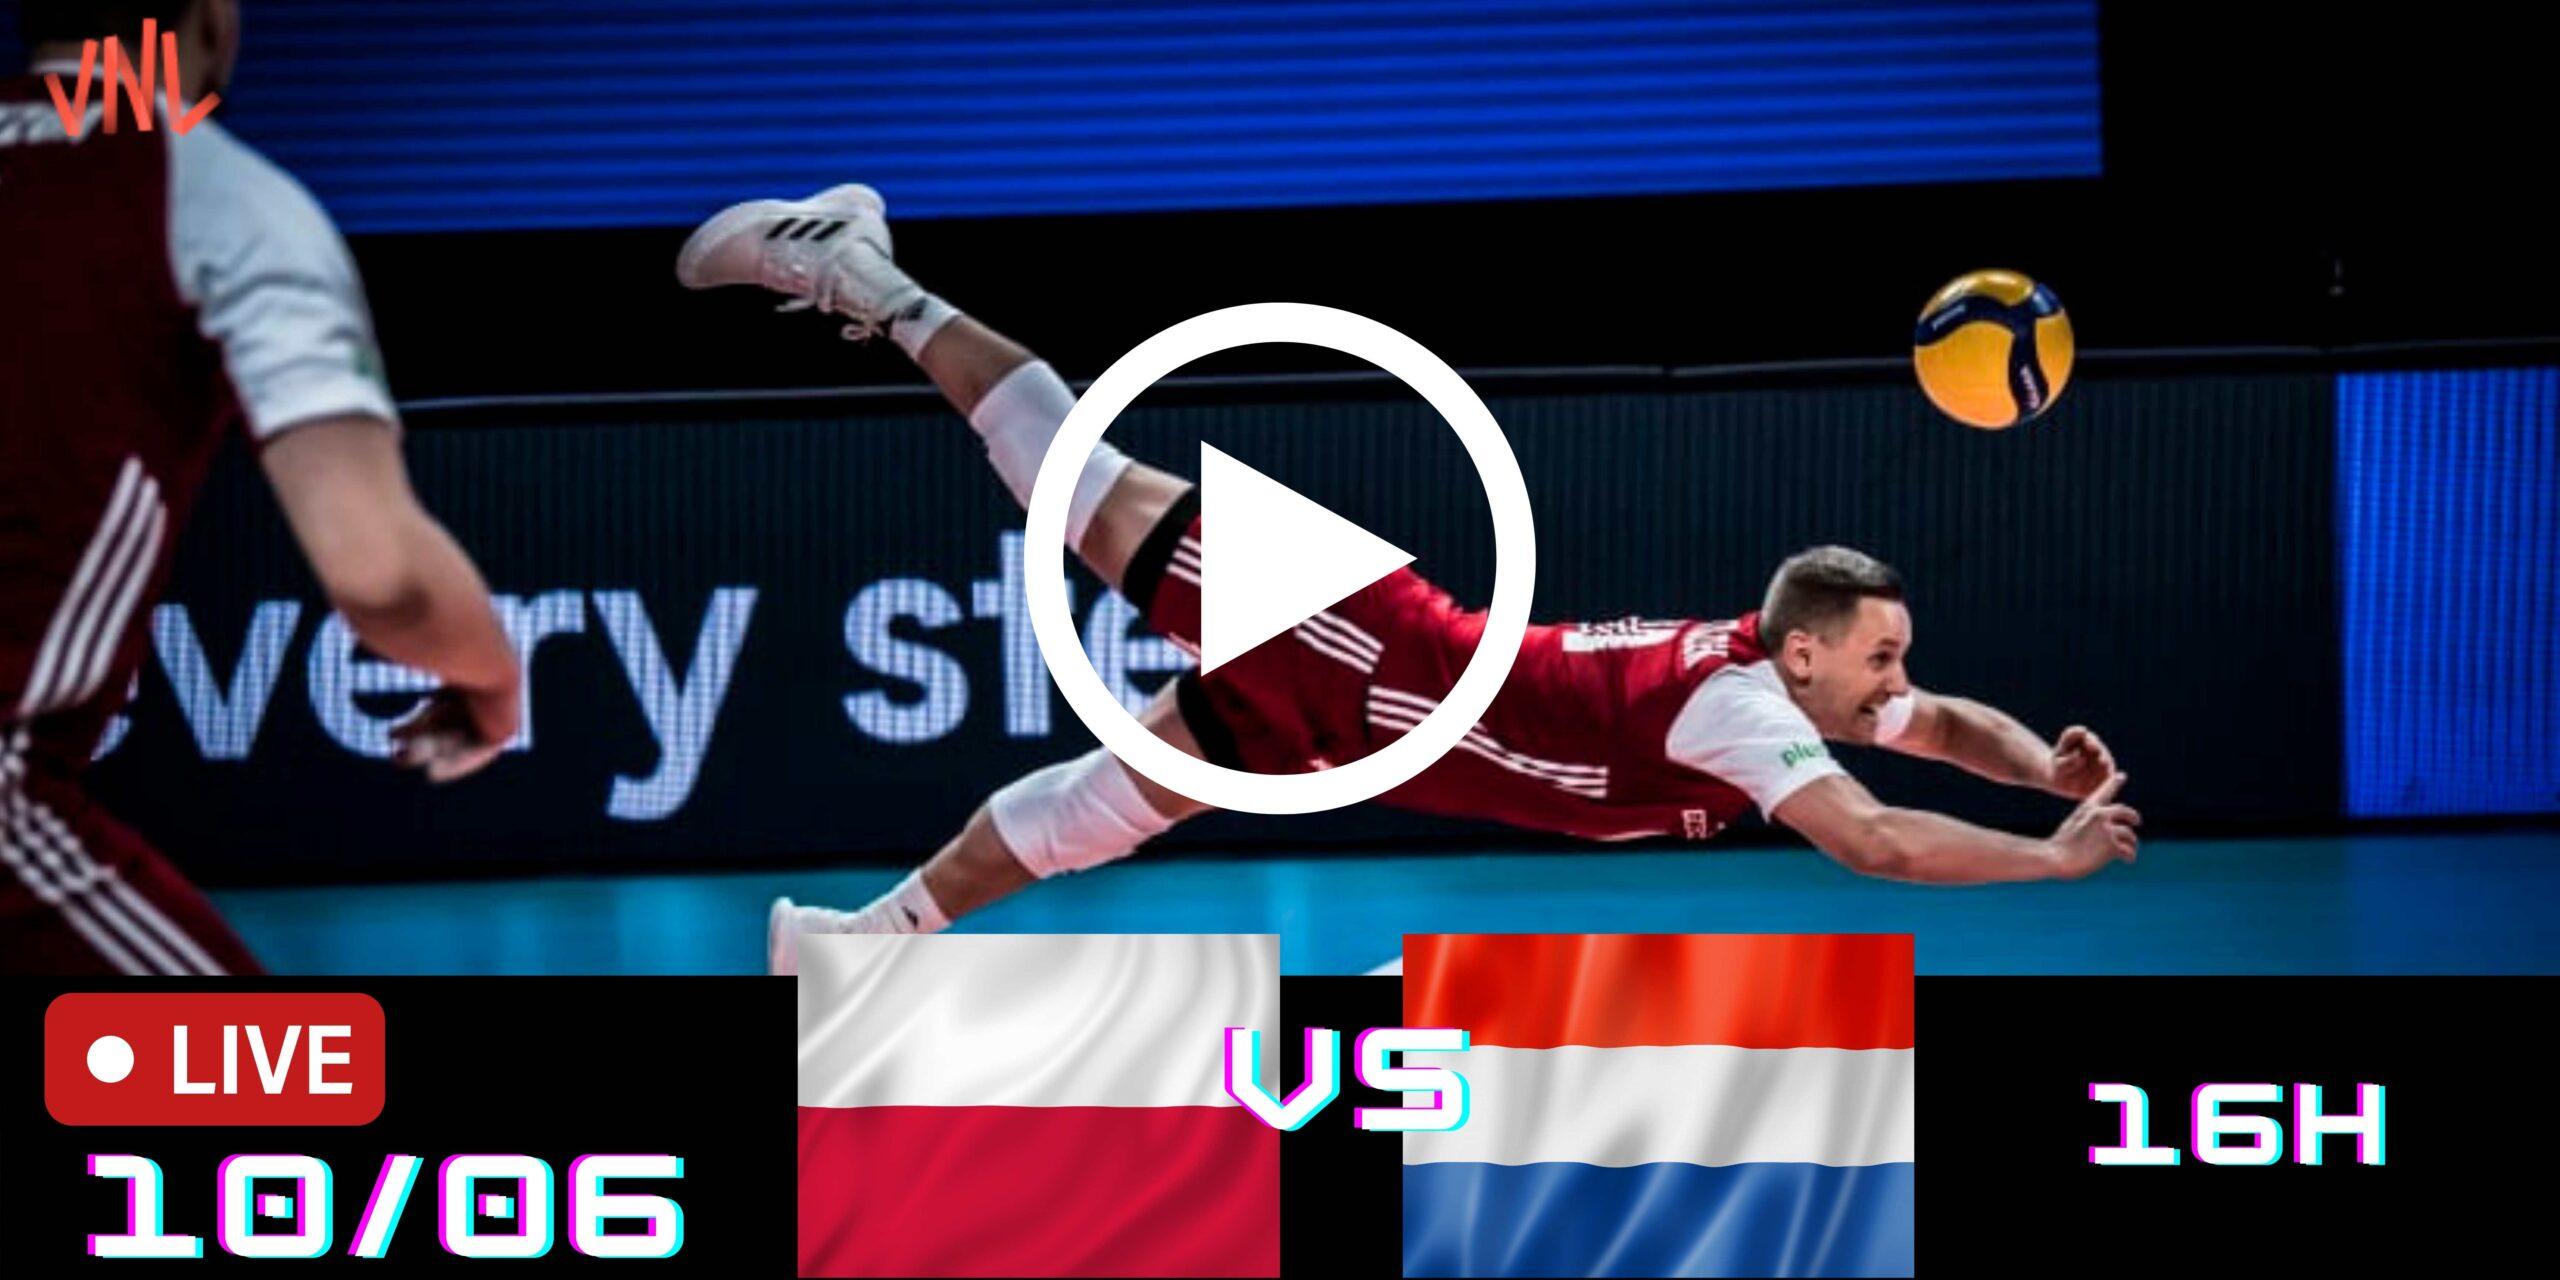 Resultado: Polônia 3 vs 0 Holanda – Liga das Nações – 10/06/2021